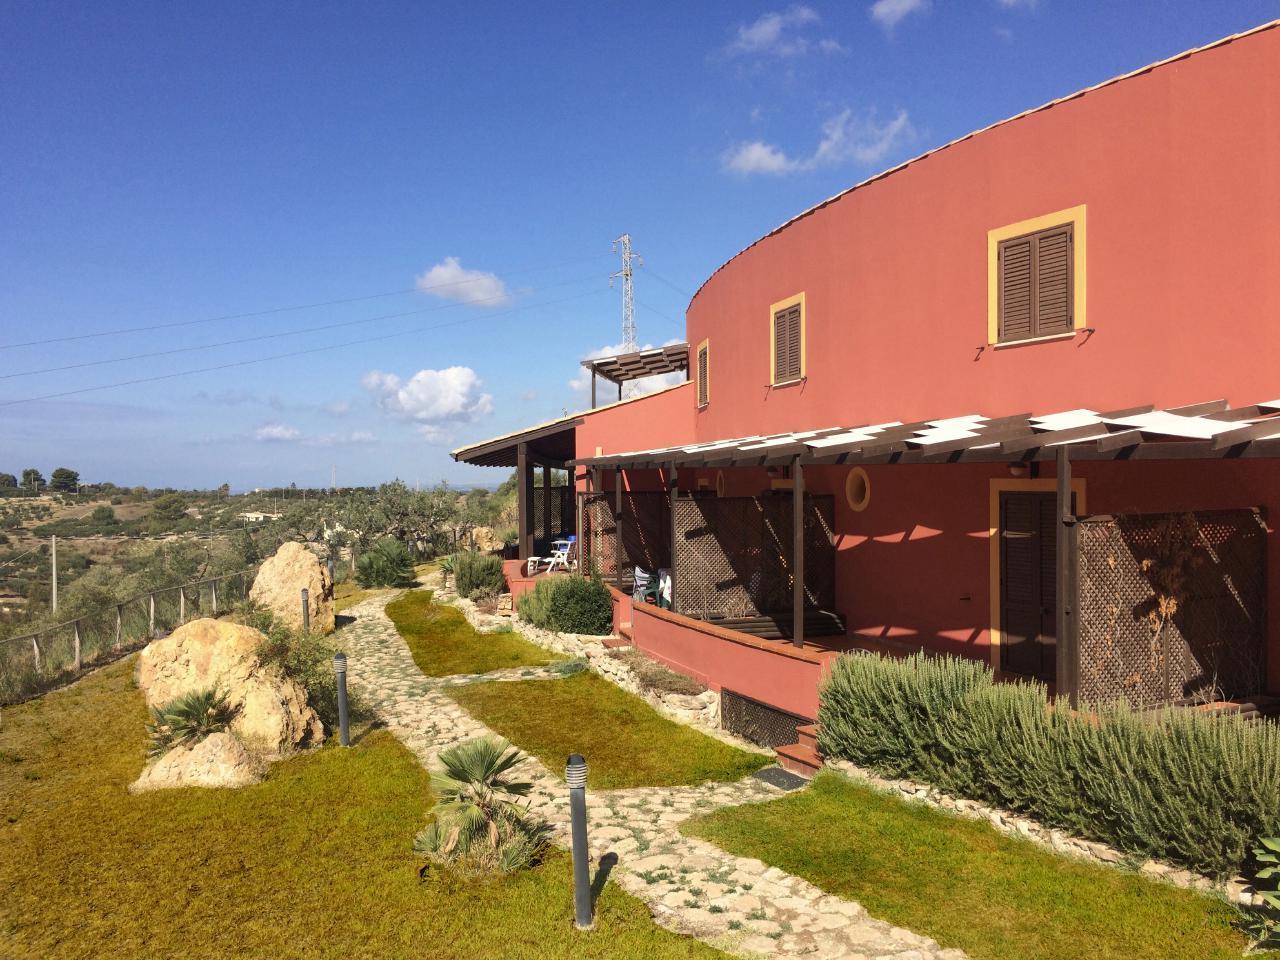 Ferienwohnung Ferienwohnungen (405131), Sciacca, Agrigento, Sizilien, Italien, Bild 7